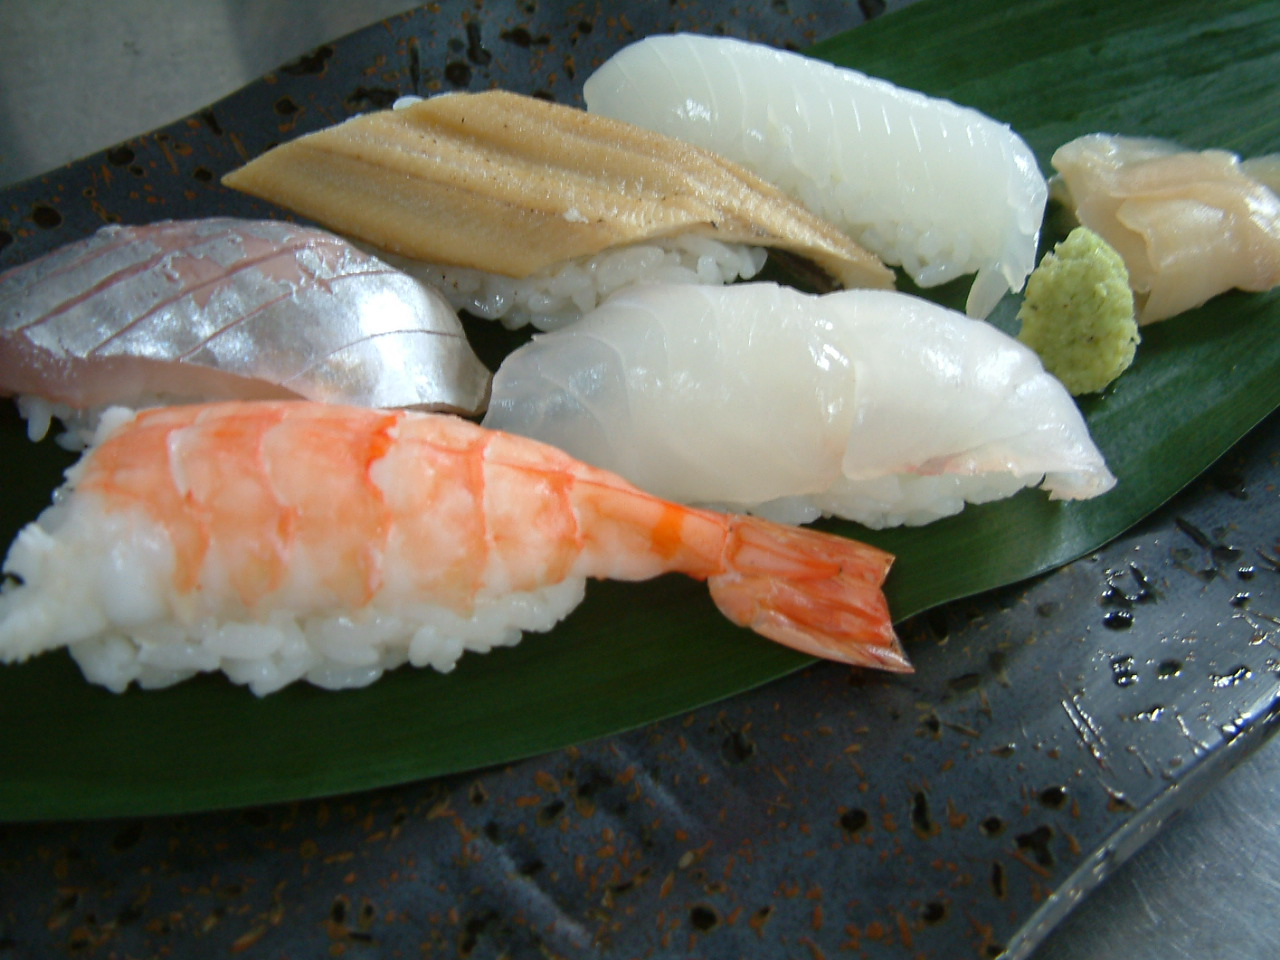 握り寿司 クエ ヒラマサ 穴子 烏賊 海老 一例